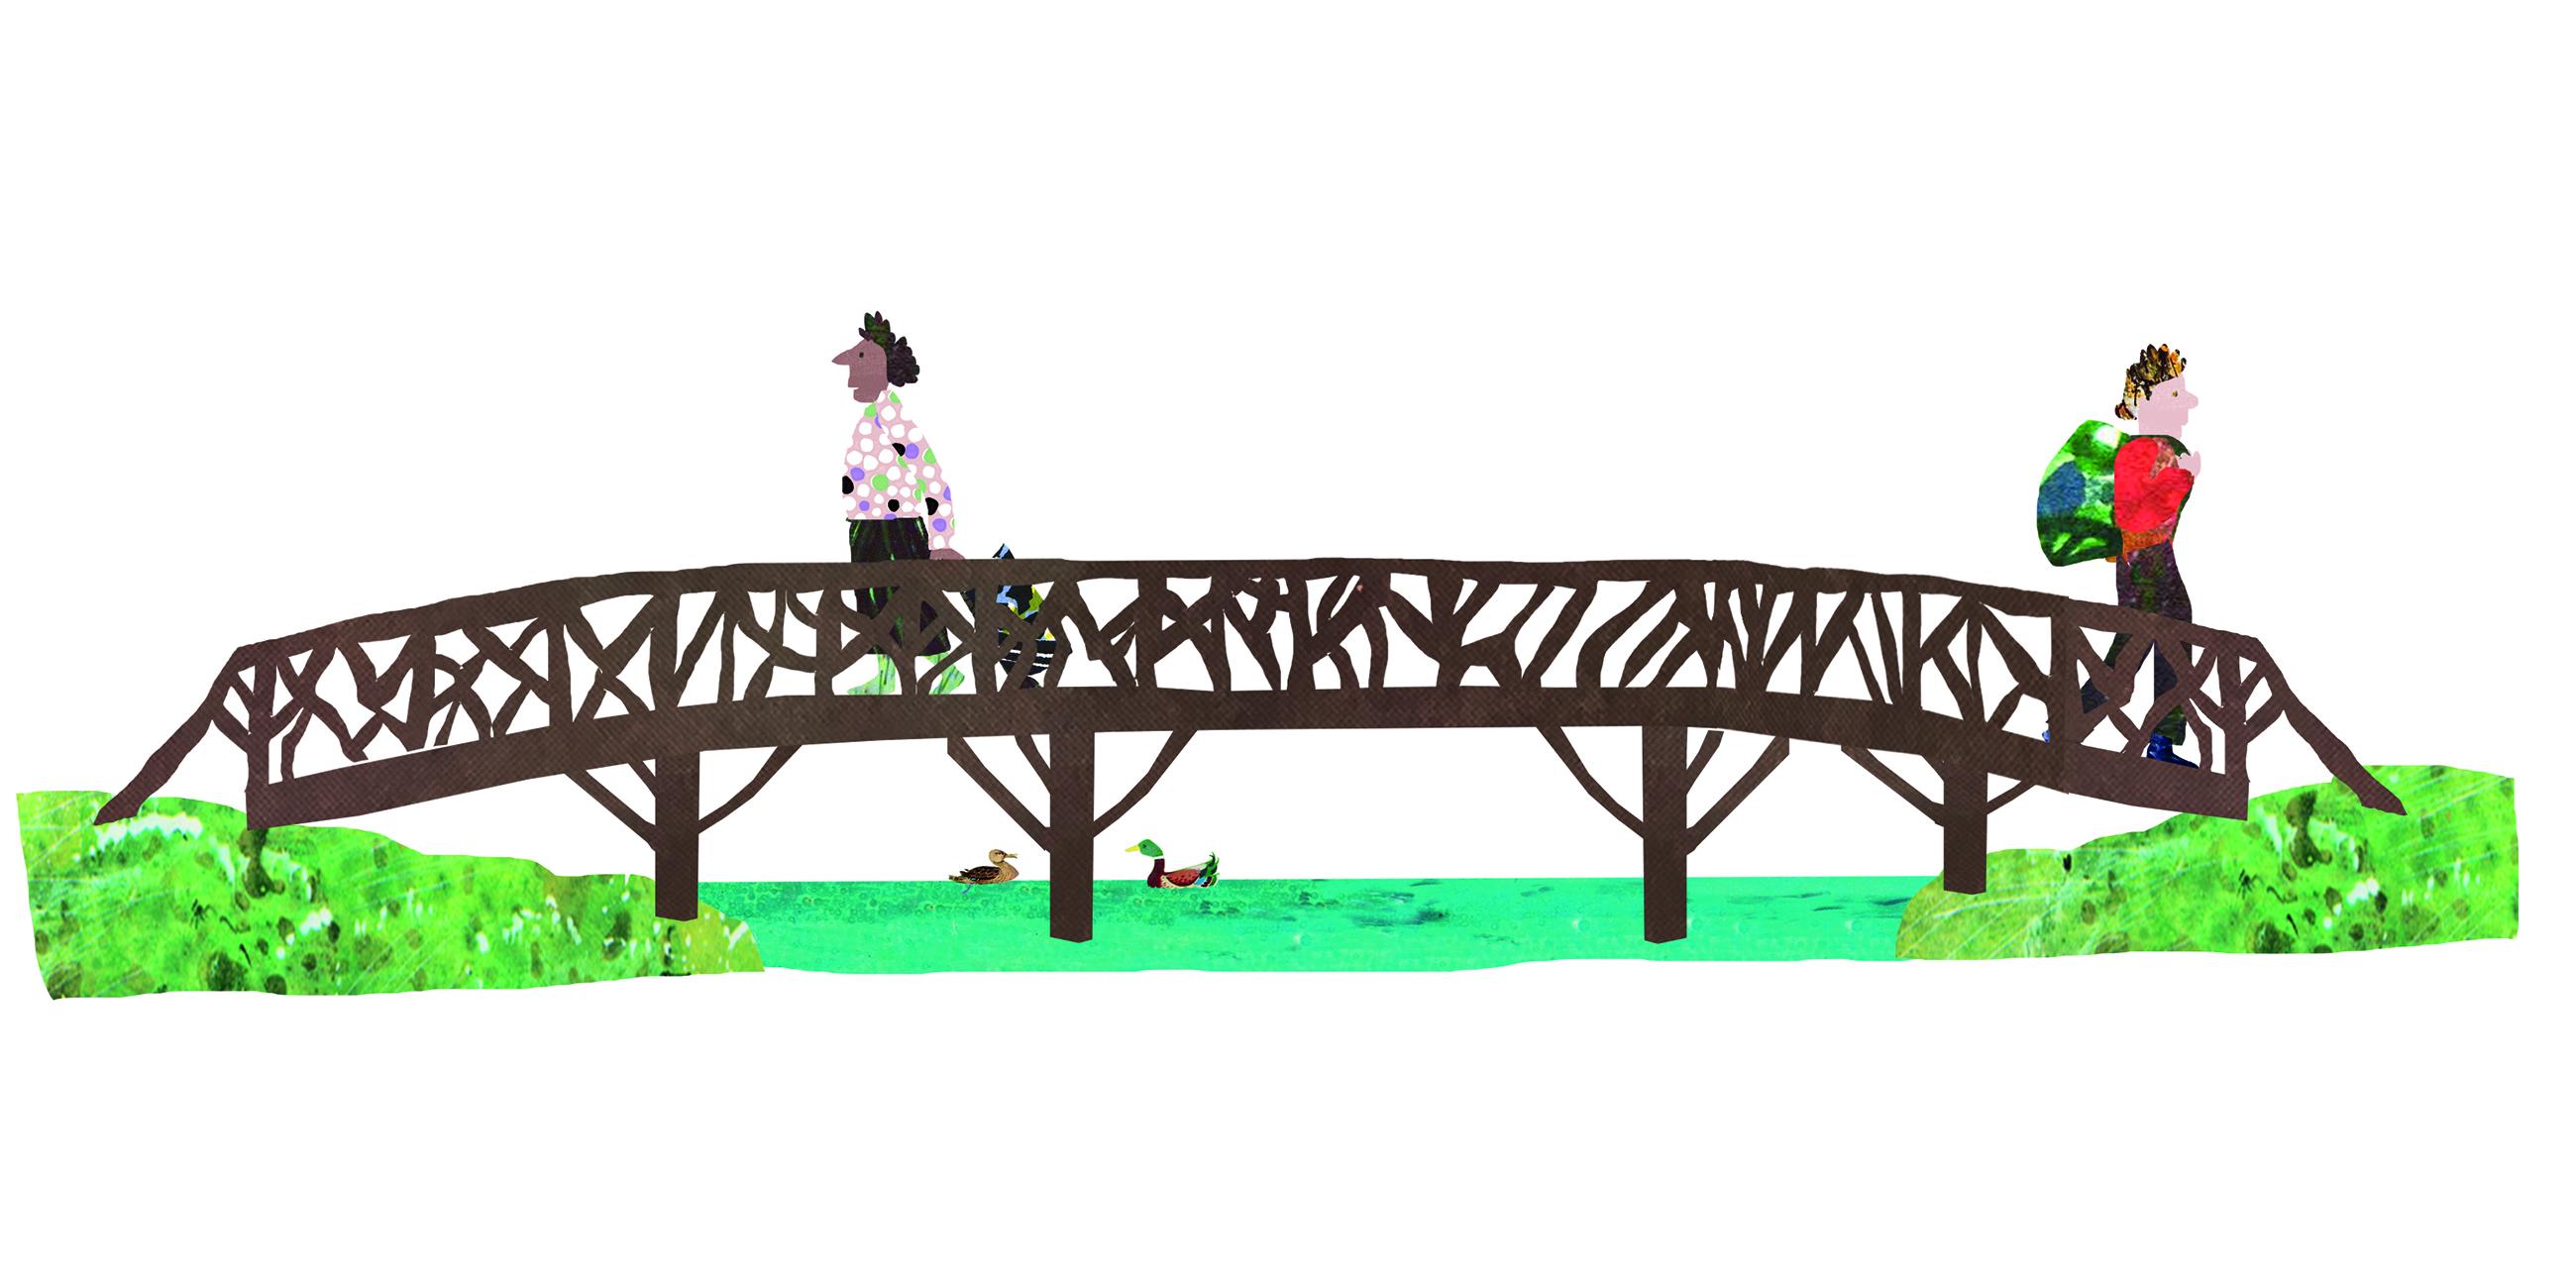 beschermd stadsgezicht stadsontwikkeling gemeente rotterdam plattegrond portret architectuur gebouwen iconen historisch typisch toonaangevend typerend gevels structuren stadsgezicht monument beeldkwaliteit stedenbouw architectuur collage illustratie professioneel Grootzus sfeervol vrolijk rotterdam west binnenweg Mathenesserlaan gemeentearchief binnenweg heemraadssingel heemraadsplein klassiek historisch